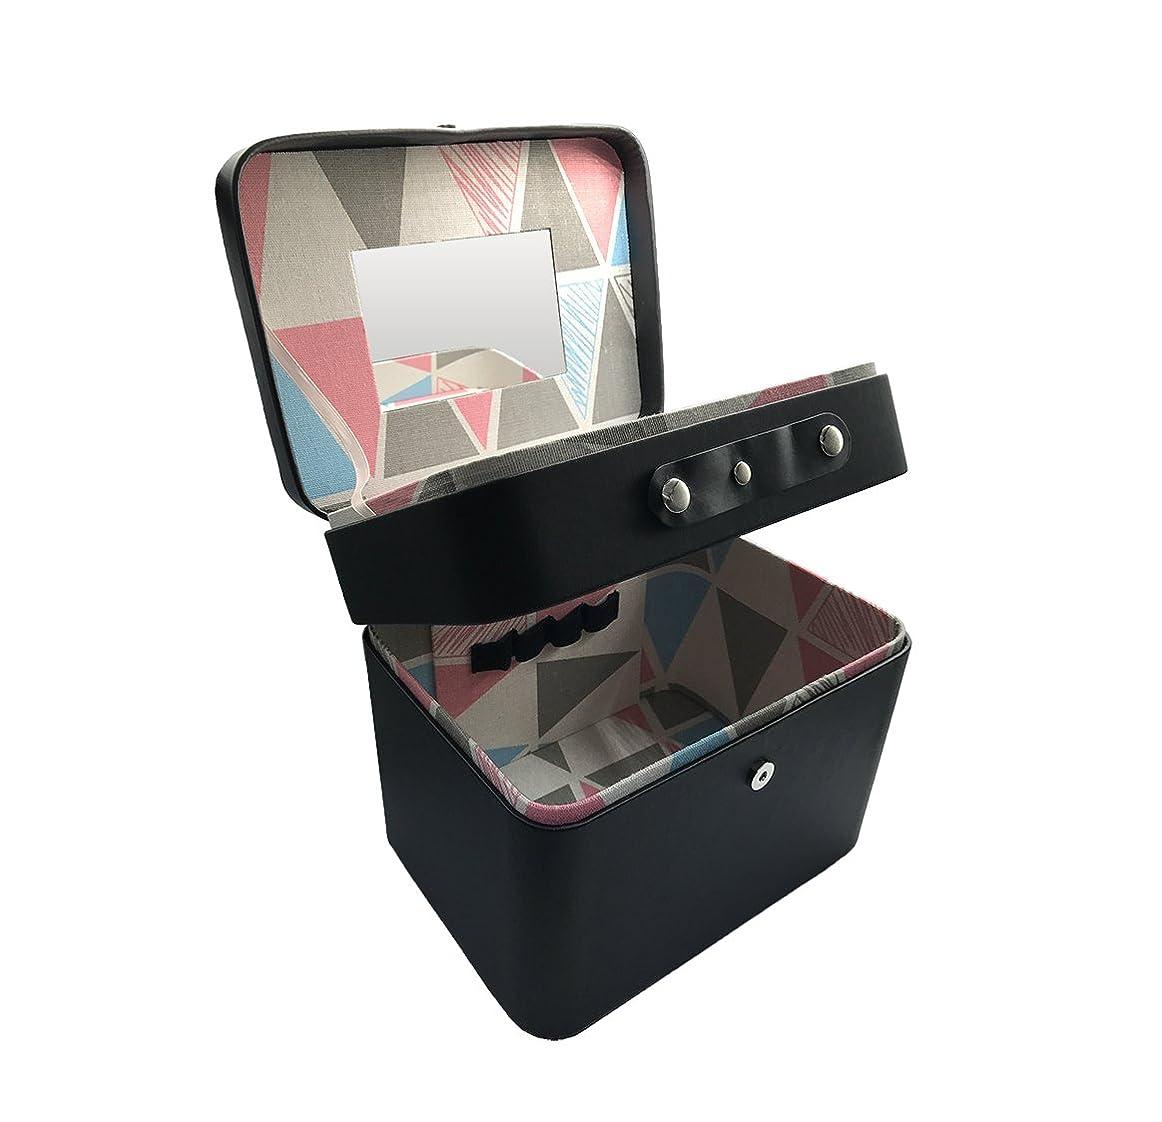 空のなしで魅惑するSZTulip コスメボックス メイクボックス 大容量収納ケース メイクブラシ化粧道具小物入れ 鏡付き 化粧品収納ボックス (ブラック)